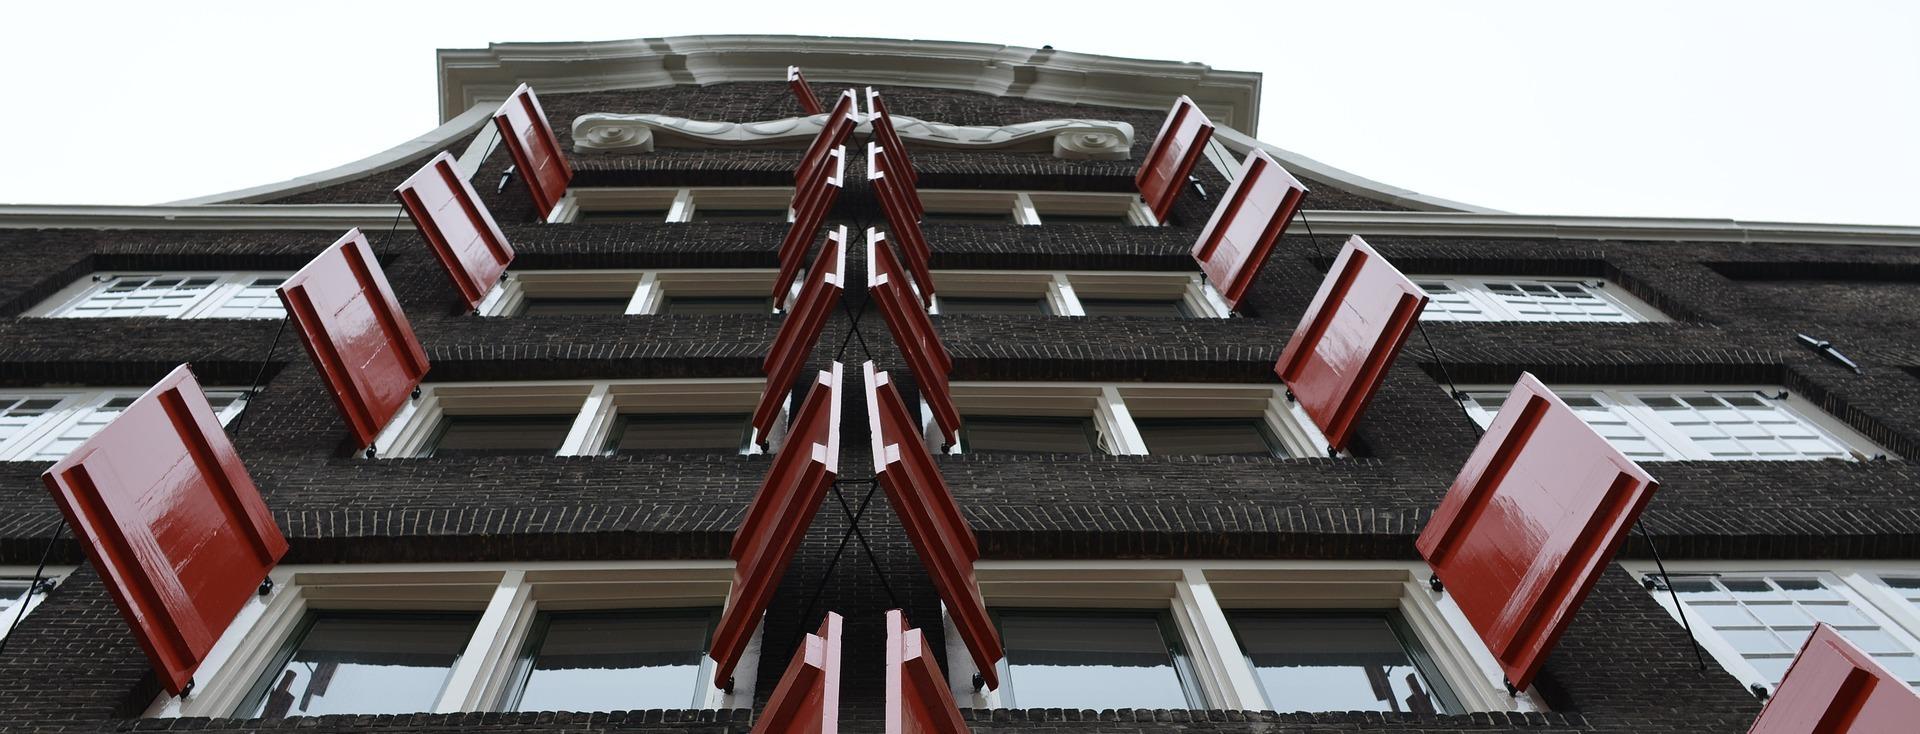 ▷ Verkoop Verhuurde Woning Appartement Dordrecht→ 5 Slimme Tips